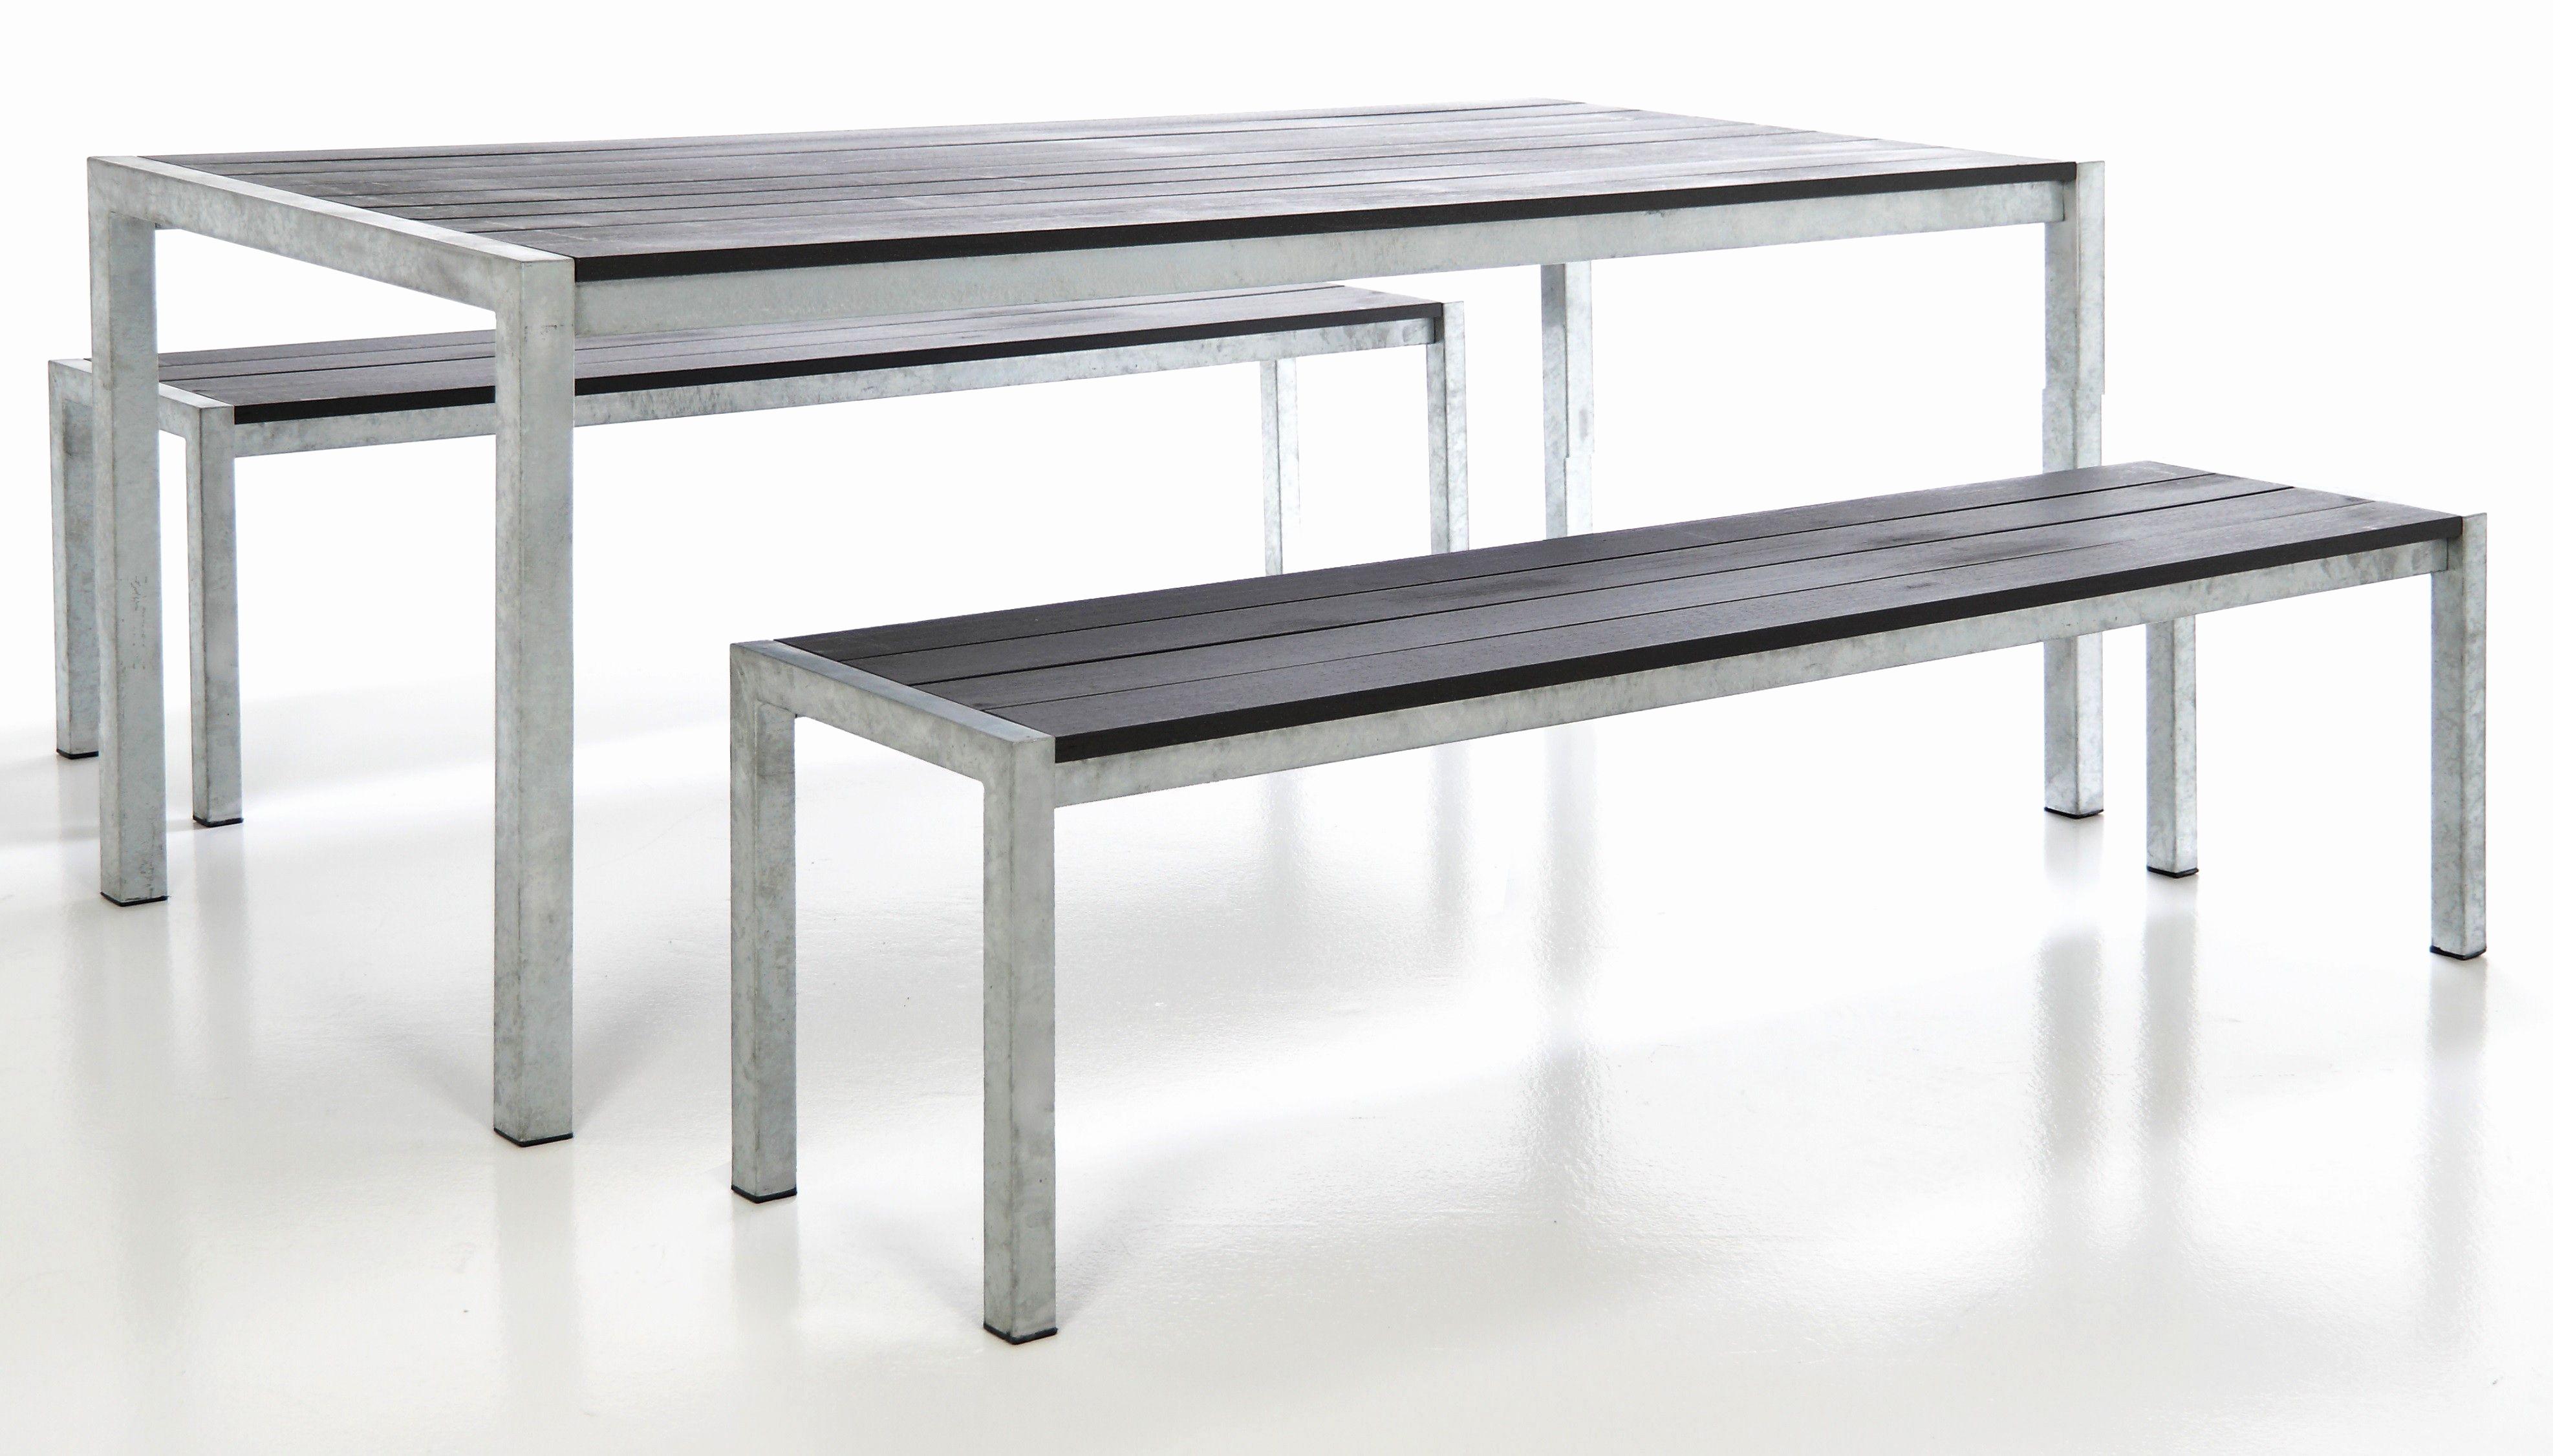 Table De Jardin Plastique Leclerc Beau Stock Table De Jardin Plastique Leclerc Plus Luxueux Catalogue Leclerc